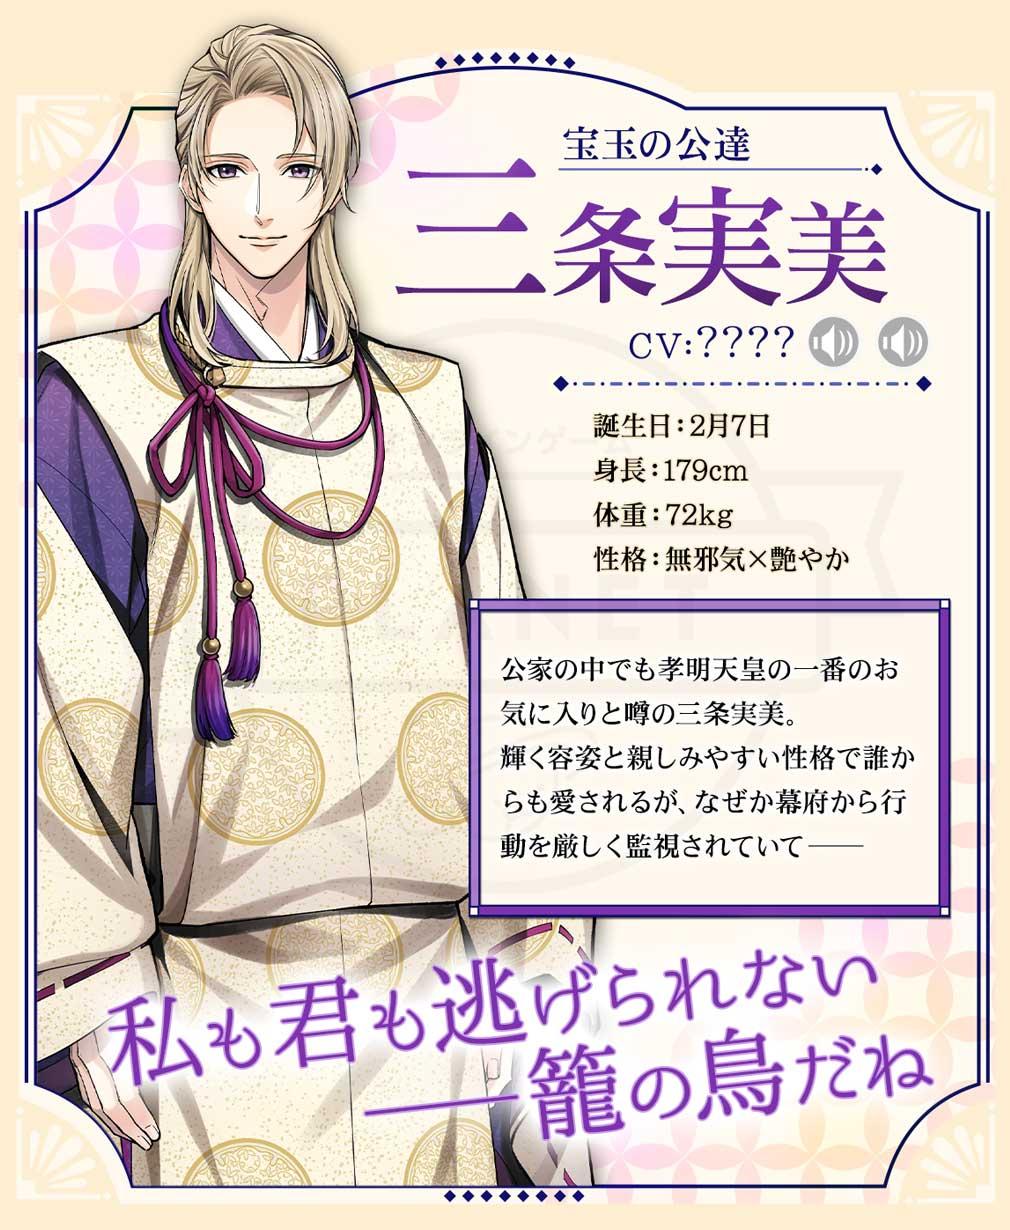 幕末維新 天翔ける恋(ばくてん) キャラクター『三条実美』紹介イメージ